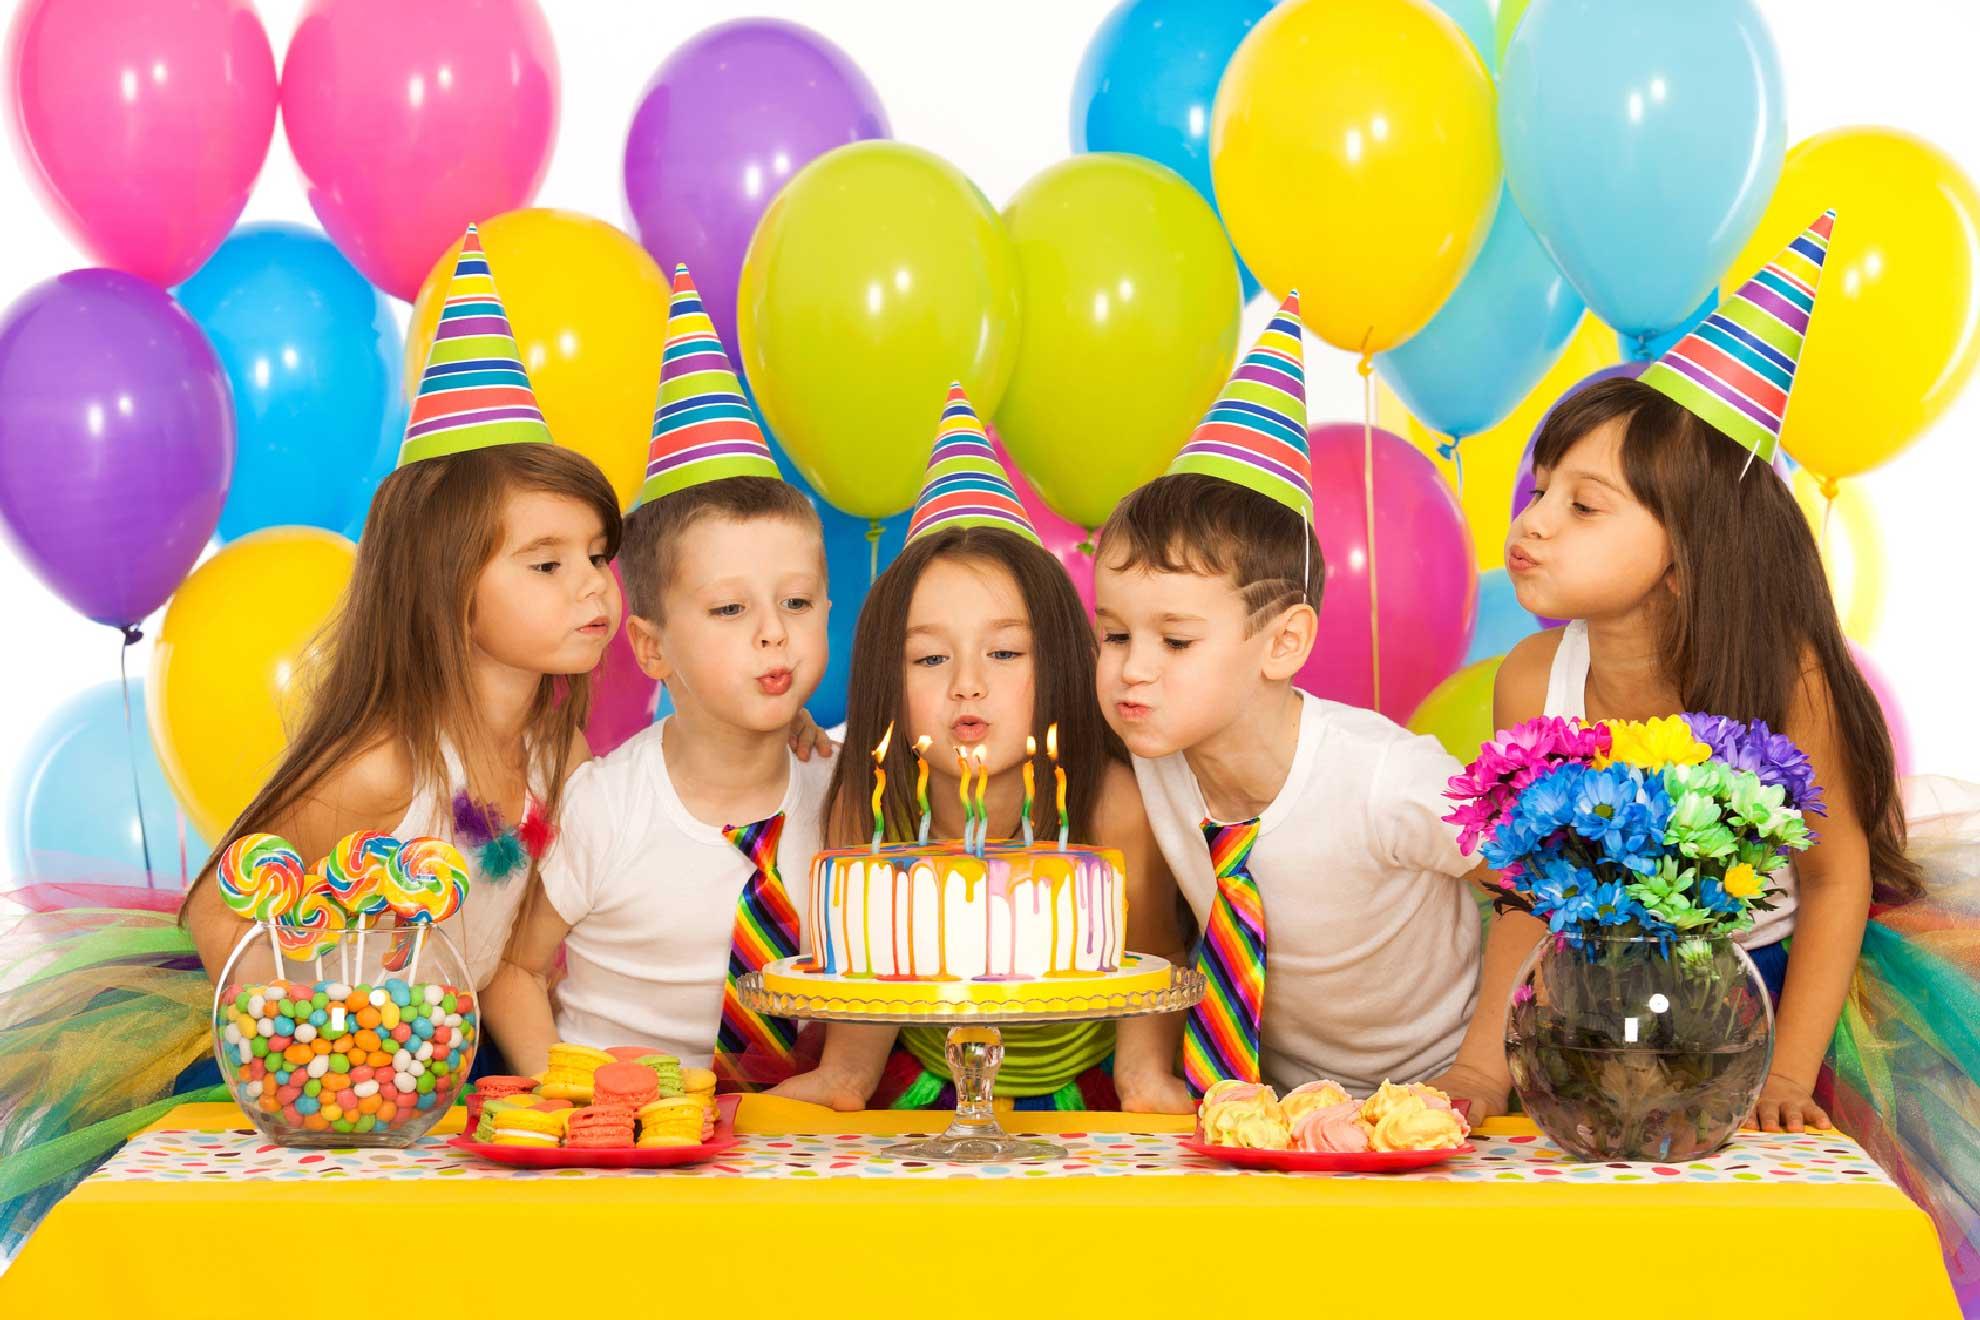 Ben noto Animazione Festa Di Compleanno Bambini 2 - Centri Sportivi CSC  VP97